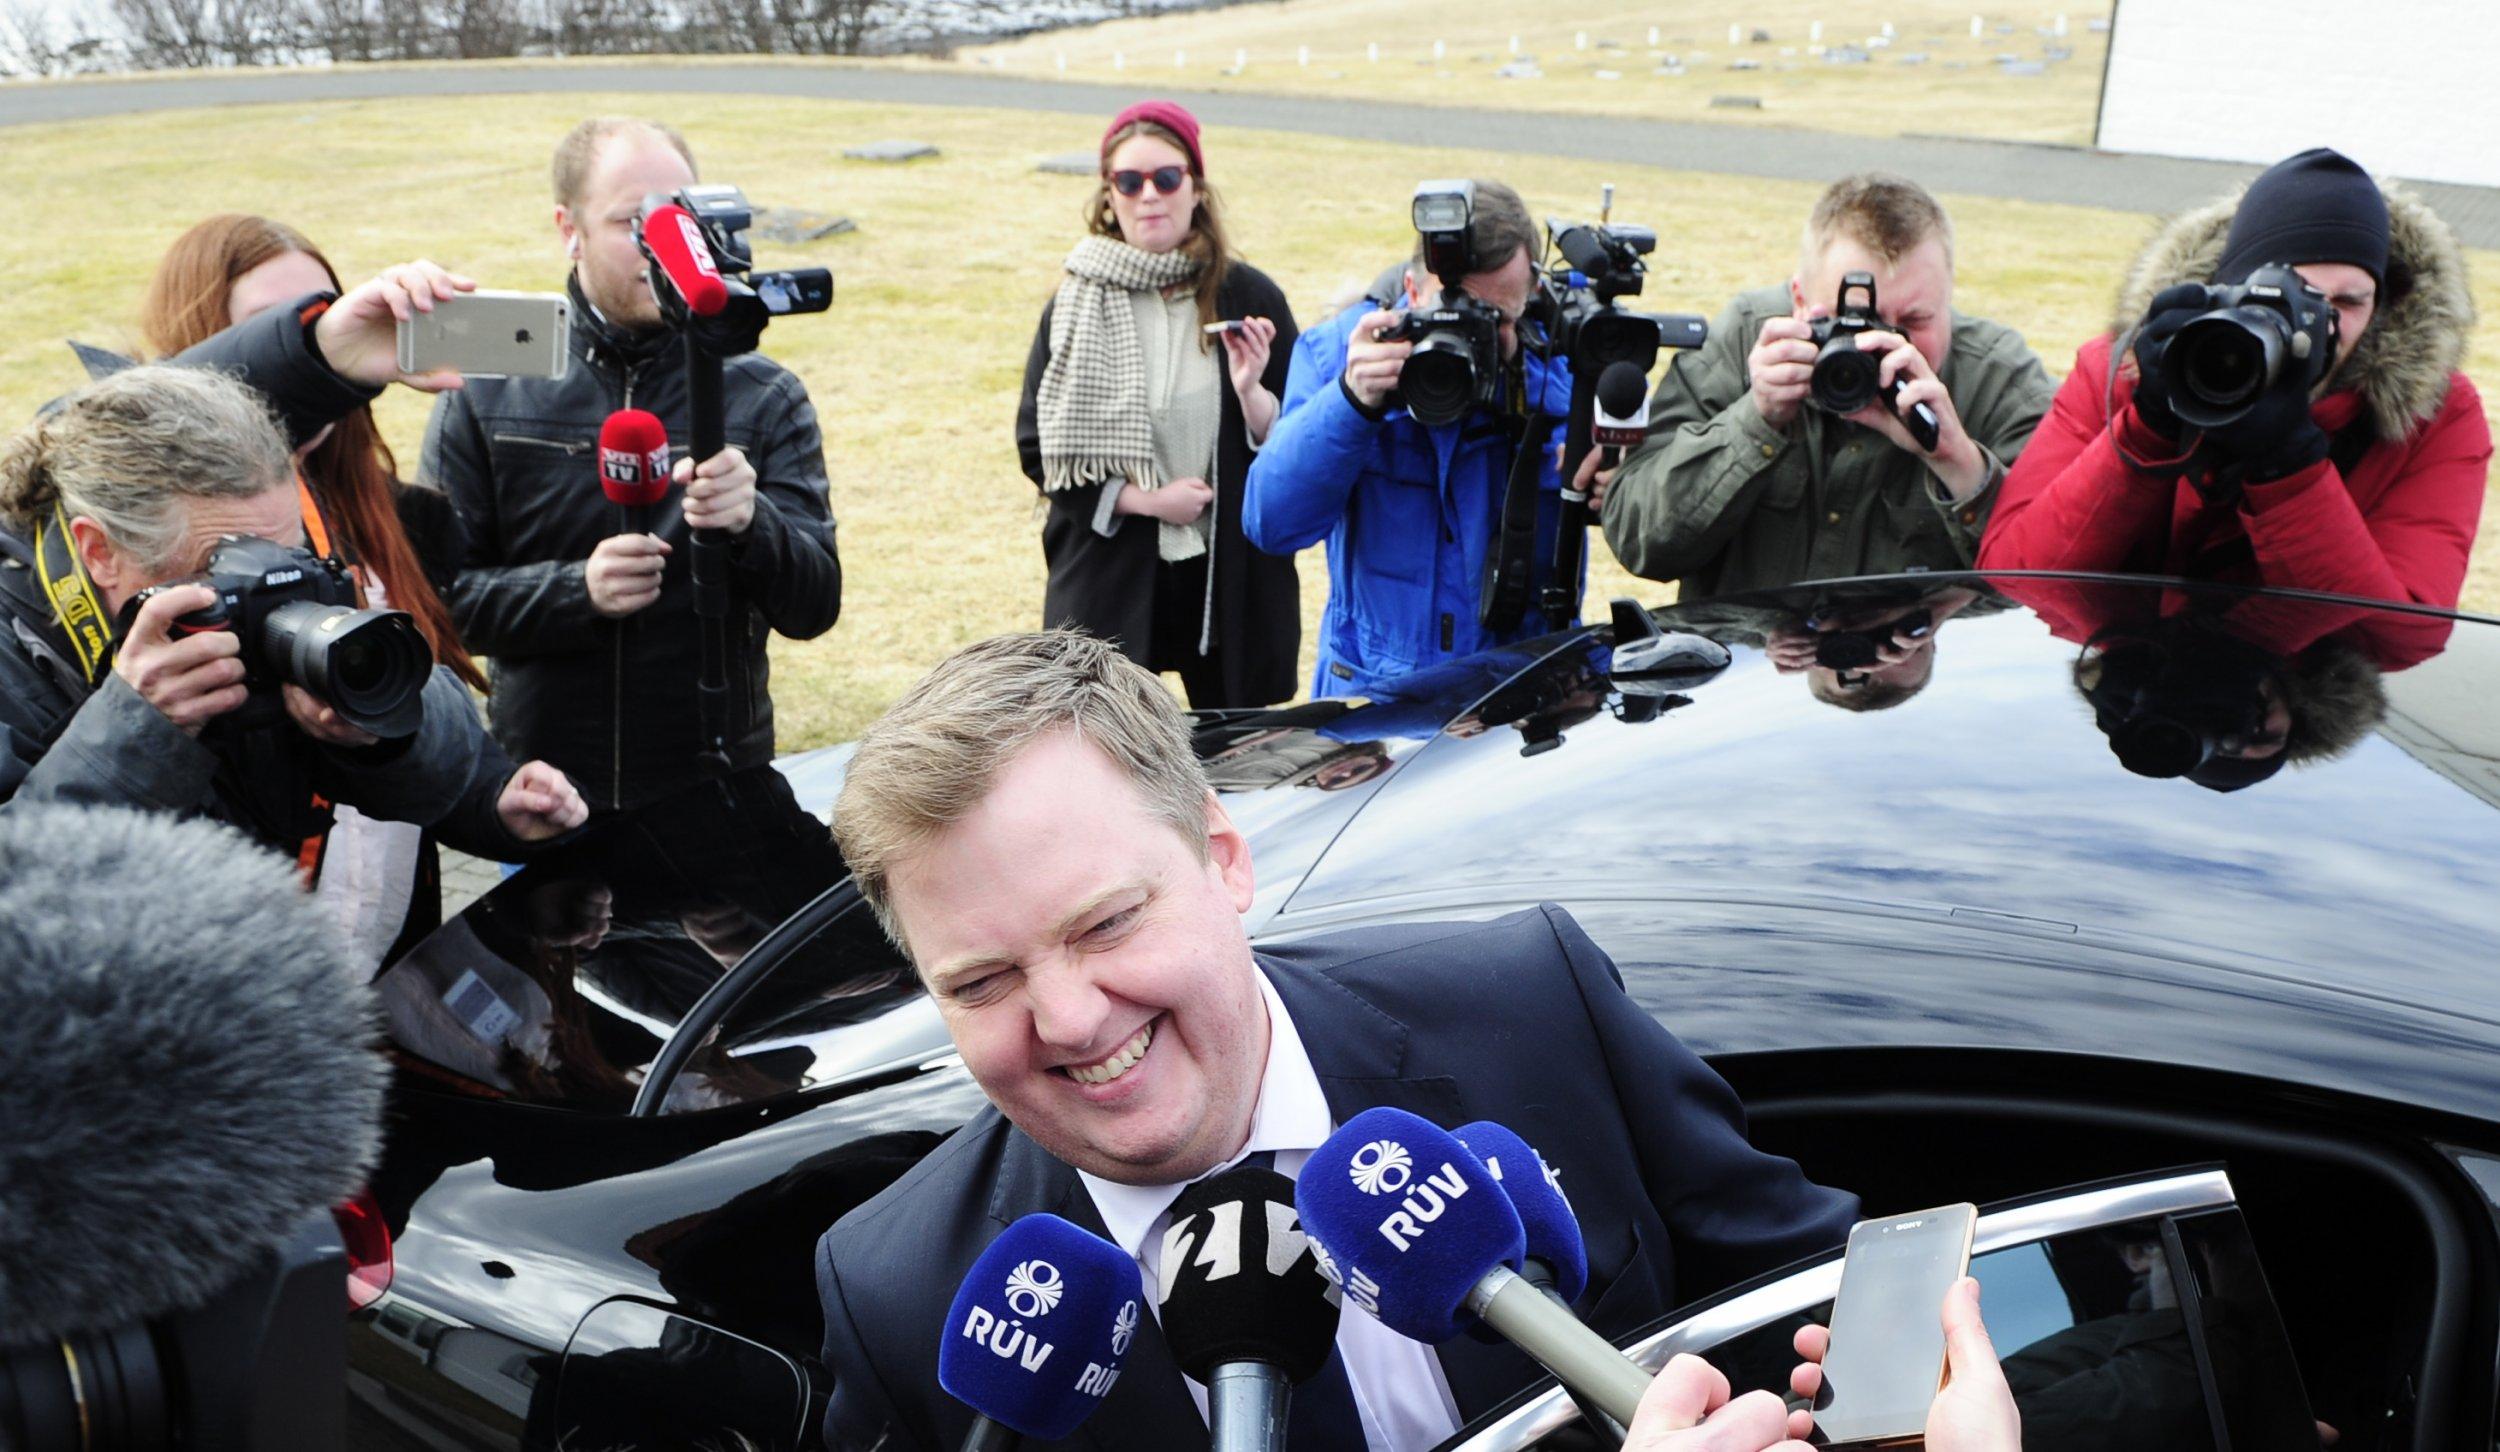 05/04/2016_Iceland Sigmundur David Gunnlaugsson